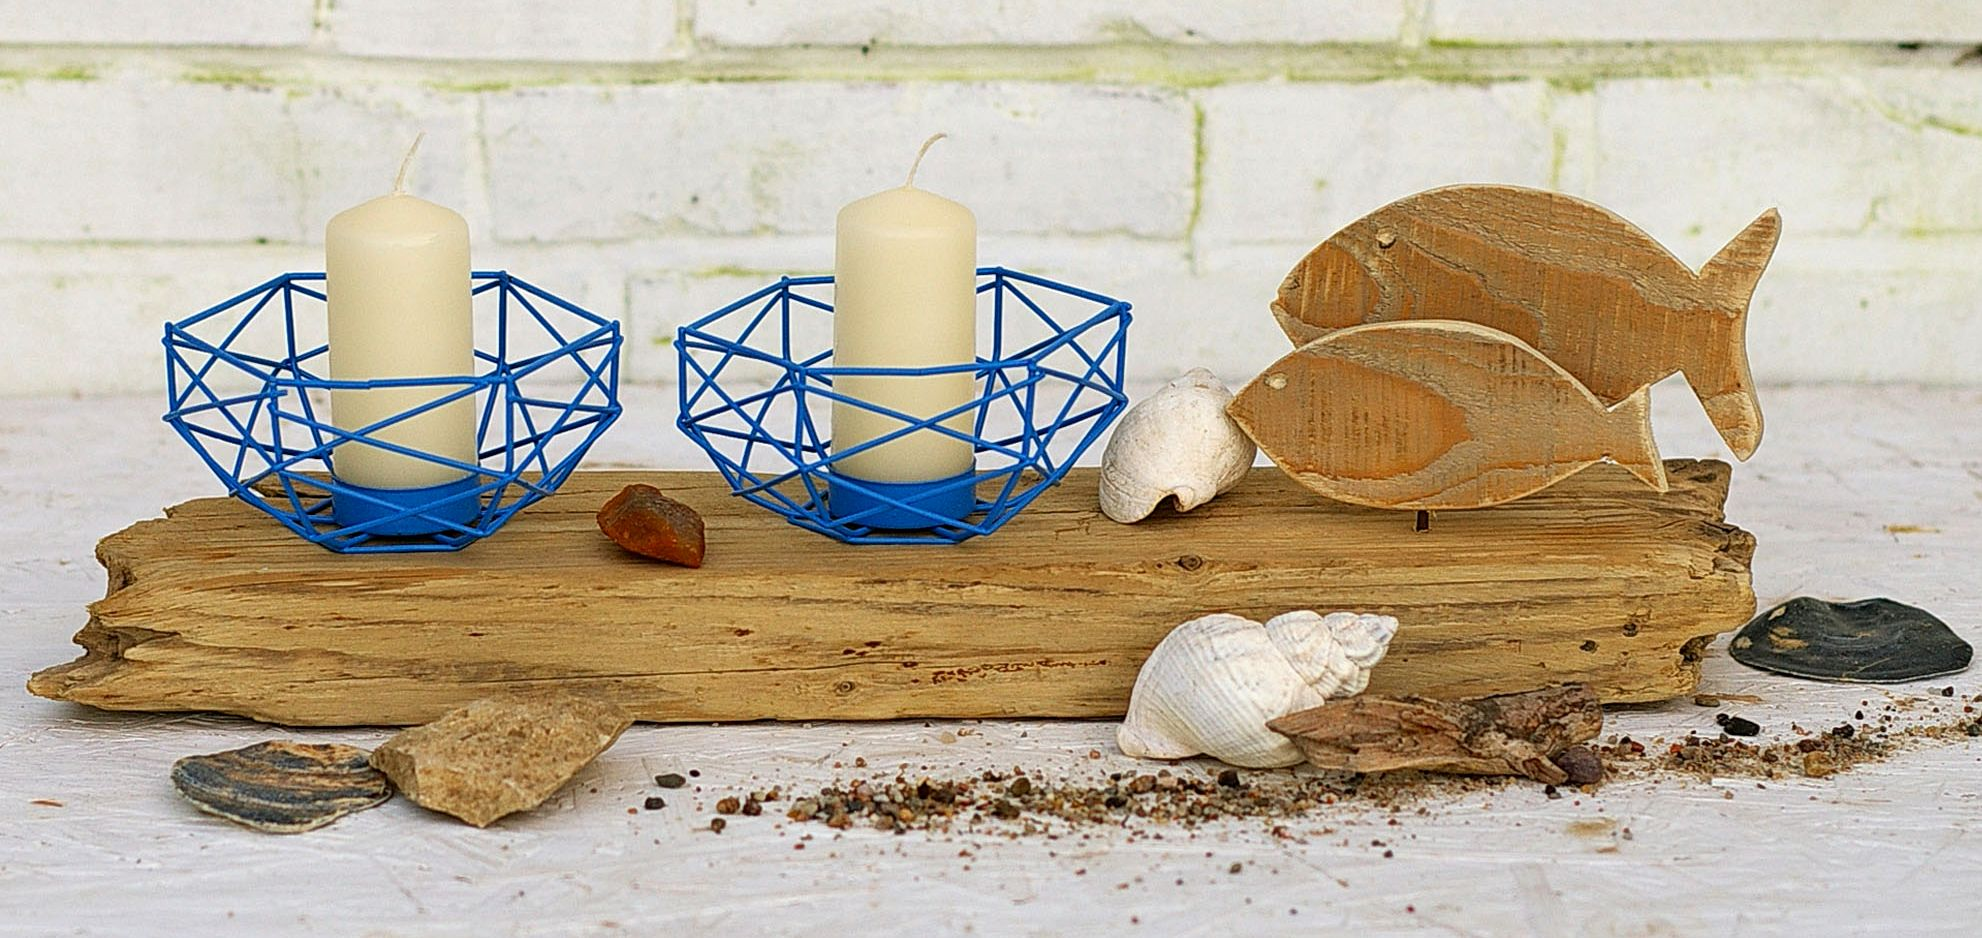 Maritimer Kerzenständer mit Fischen und Treibholz selbermachen, Ideen für nachhaltige wohnaccessoires